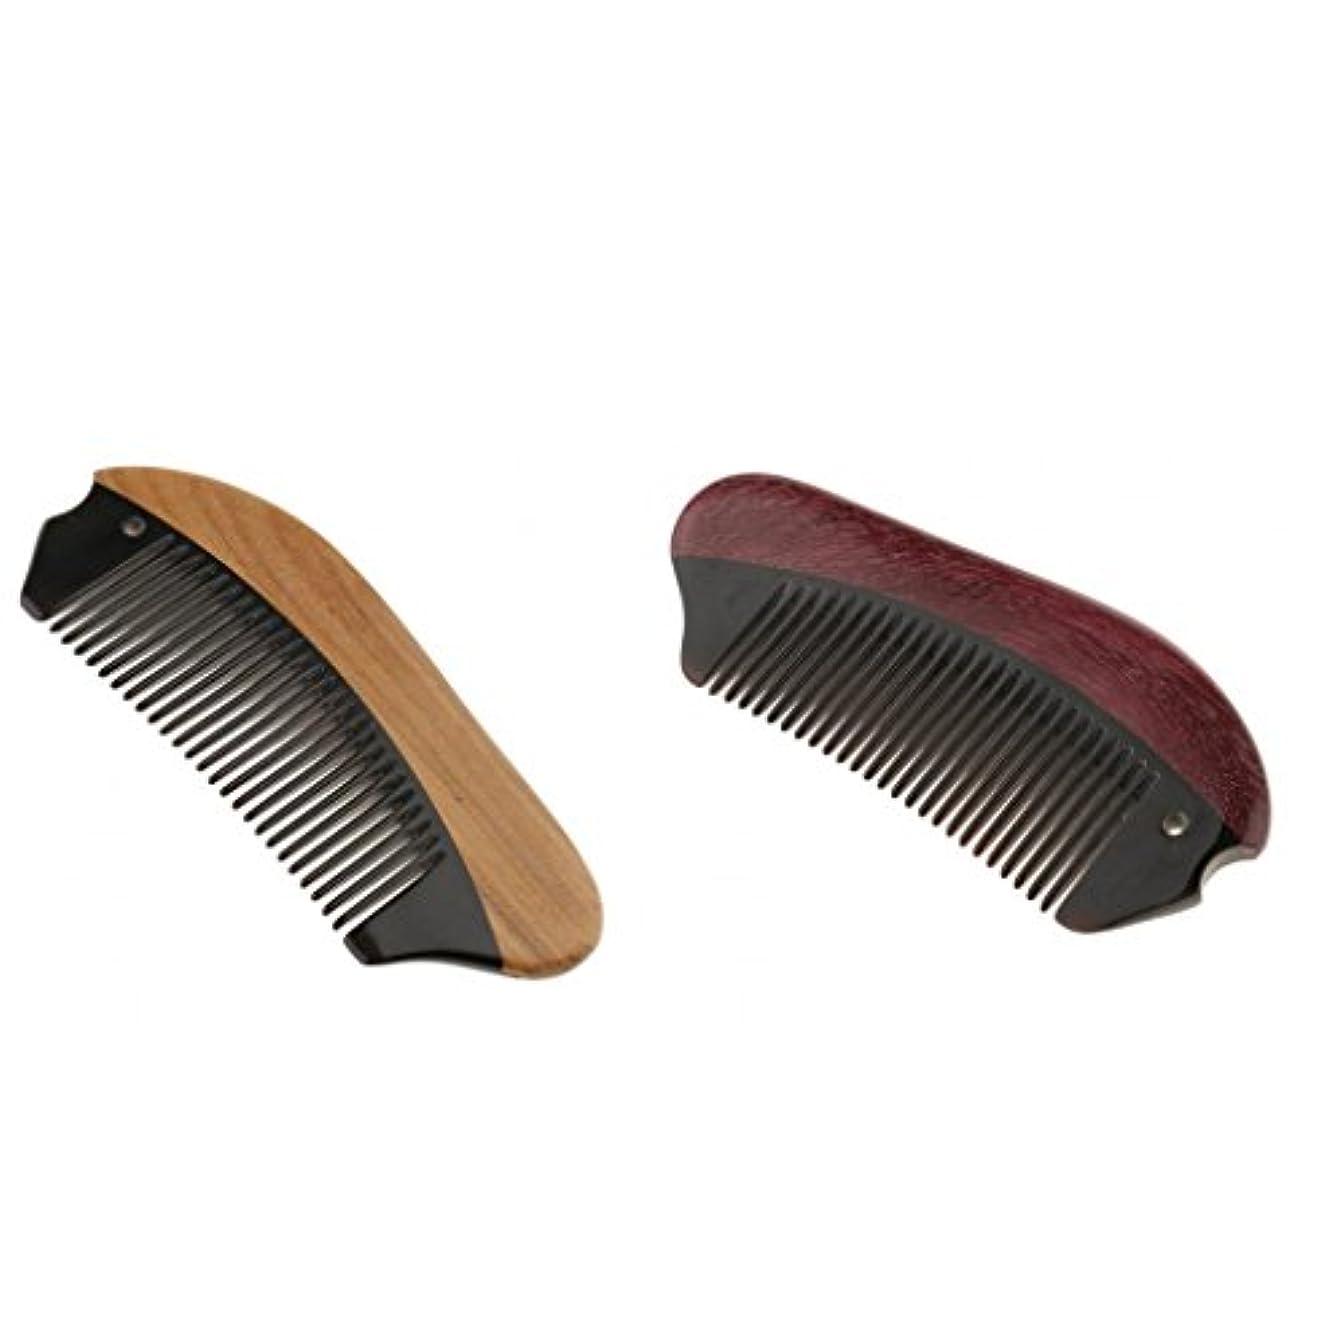 執着たぶん暴力Baosity 2個 木製 櫛 コーム 静電気防止 マッサージ 高品質 プレゼント 贈り物